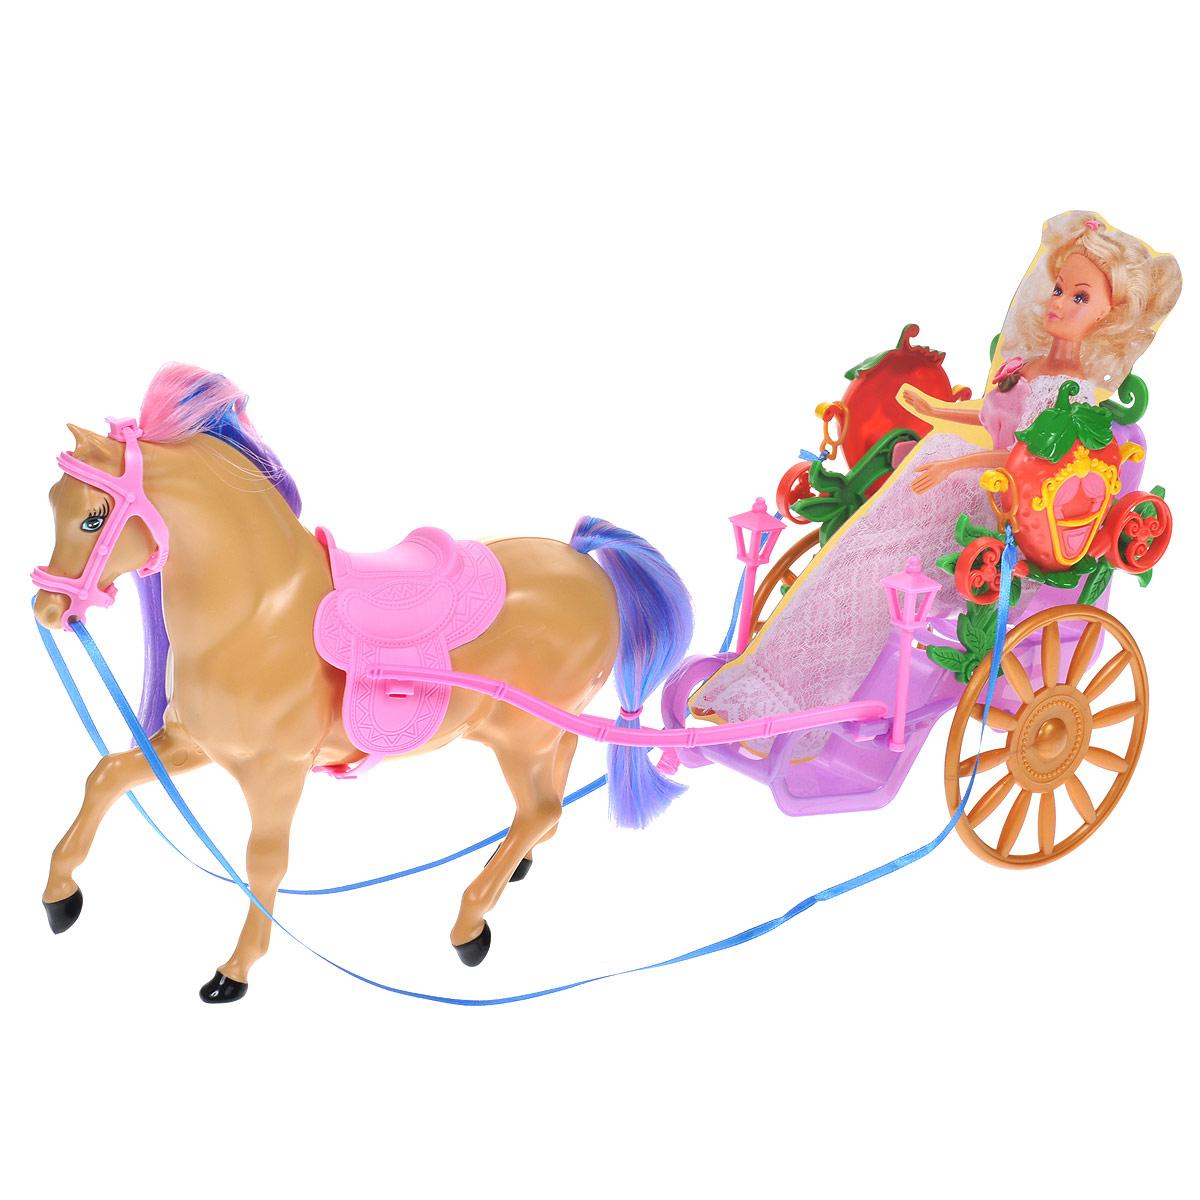 WSBD World Транспорт для кукол Лошадь с повозкой1405Этот игровой набор позволит вашей малышке окунуться в сказочный мир. В него входит повозка, оформленная декоративными элементами, лошадь с длинными цветными гривой и хвостом, картонный муляж куклы и аксессуары для игры: расческа, гребешок и зеркальце с ручкой. Порадуйте вашего ребенка таким замечательным подарком! Кукла в комплект не входит.